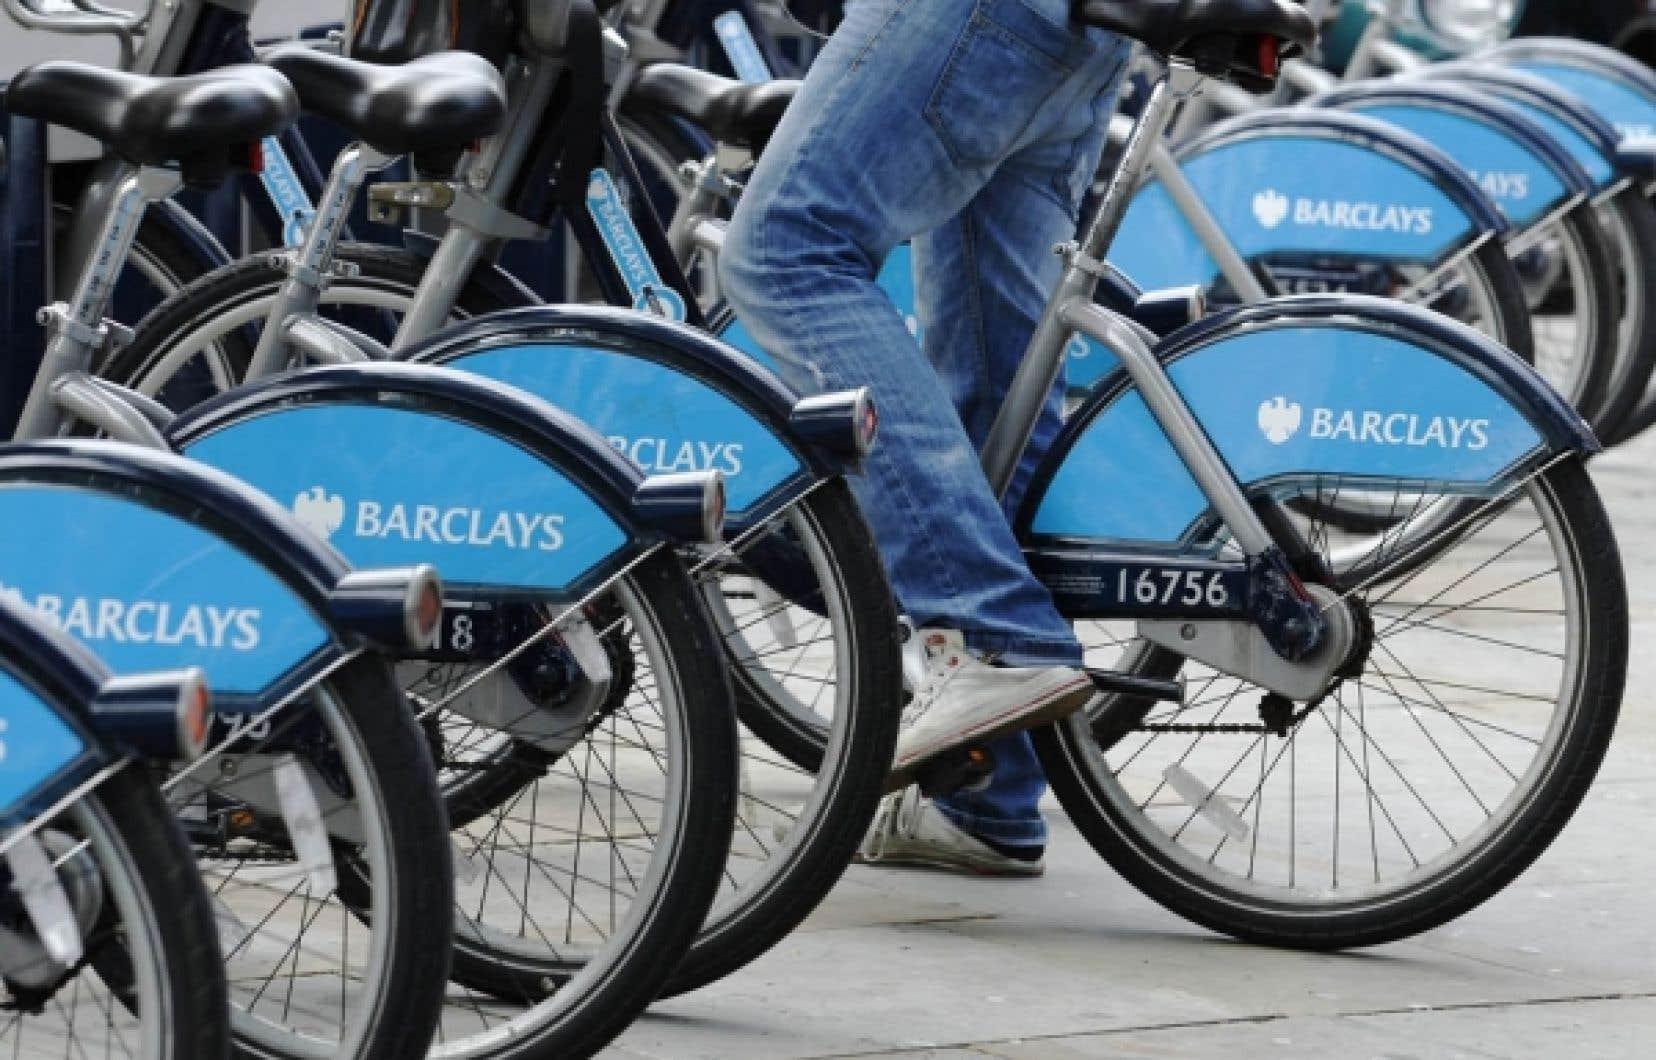 Une bicyclette de Londres en libre-service commanditée par la banque Barclays.